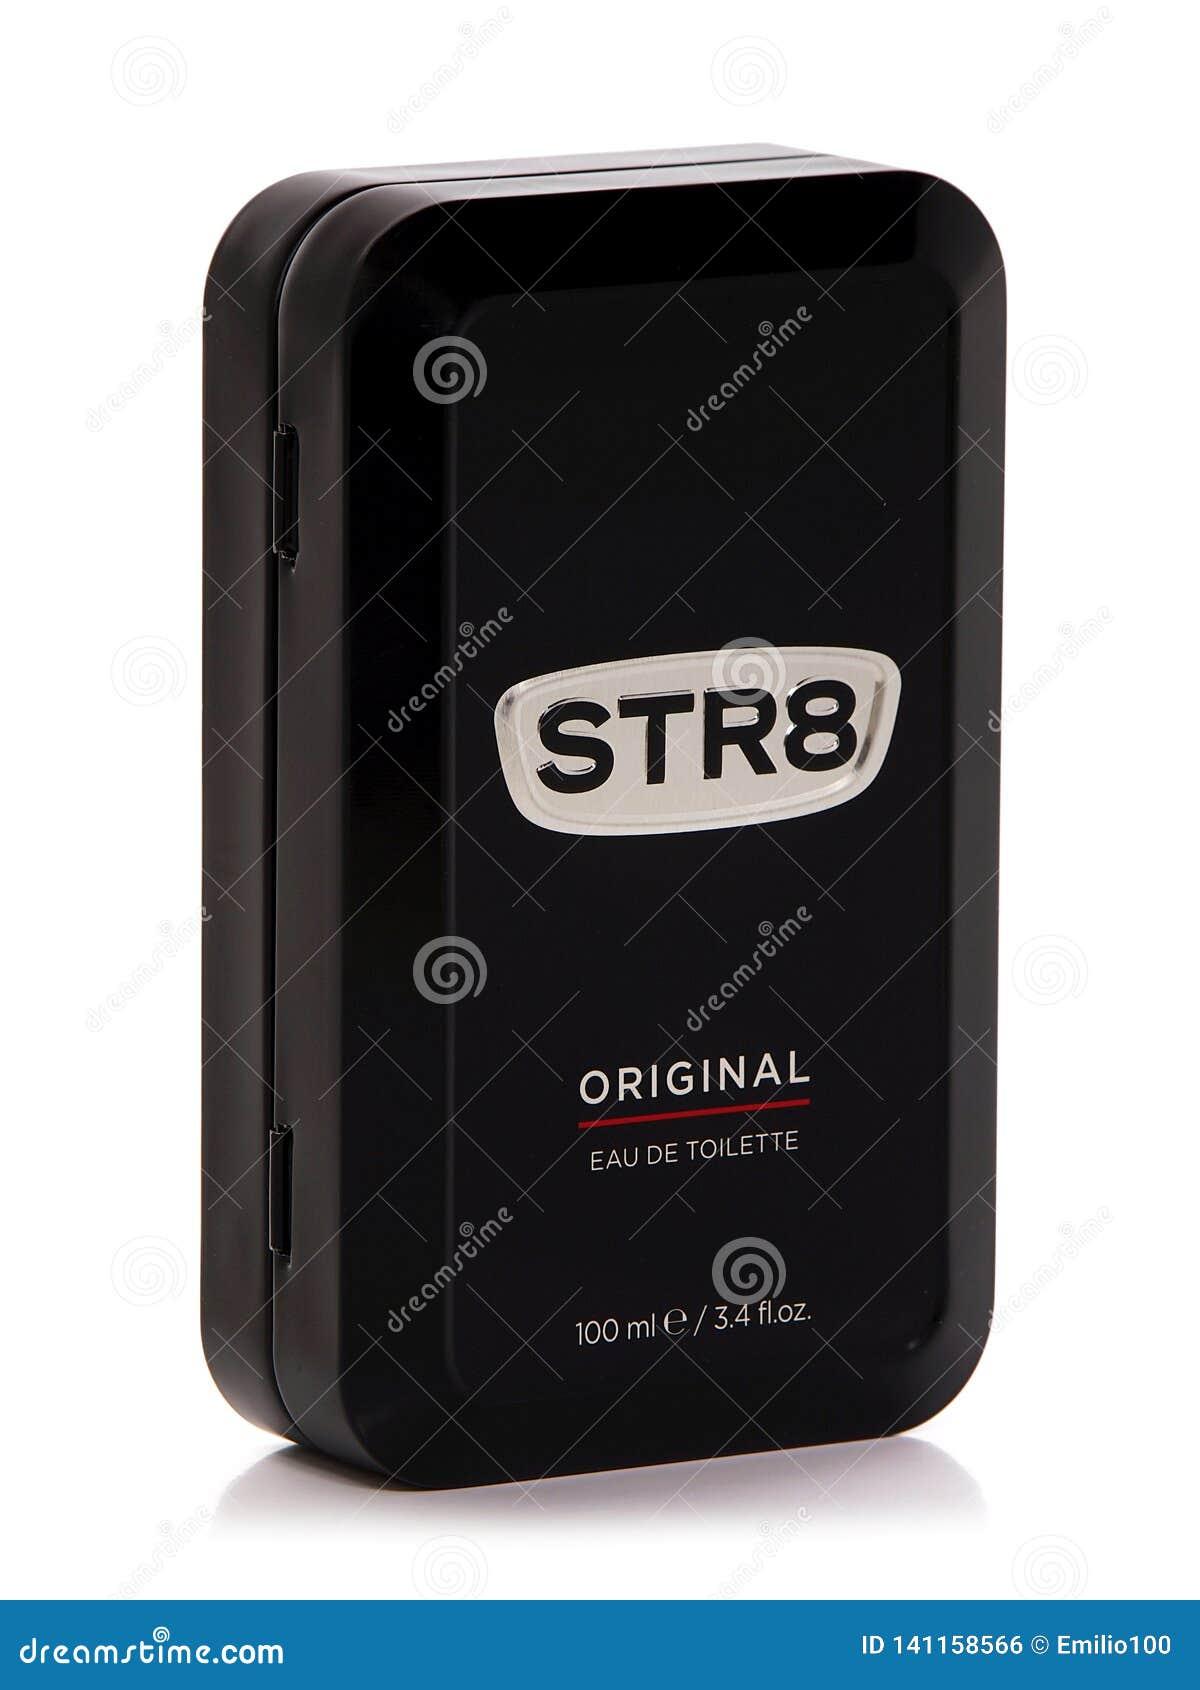 Caixa do original STR8, Eau de Toilette